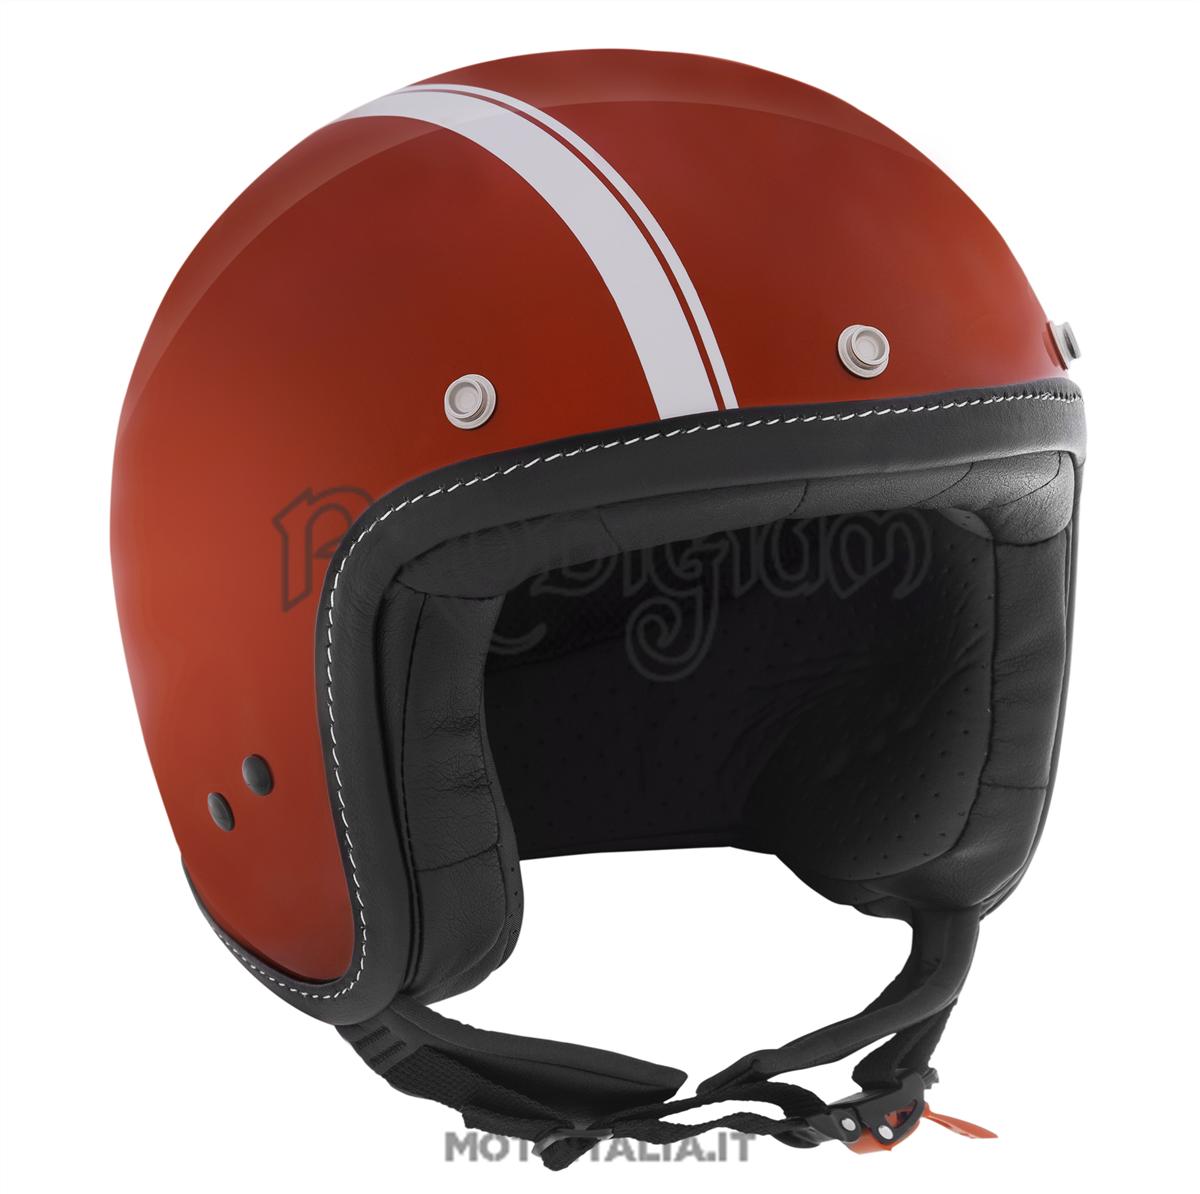 CASCO MG DECAL ROSSO MOTO GUZZI--Caschi Moto Guzzi - Sito Ufficiale eedde20f443b